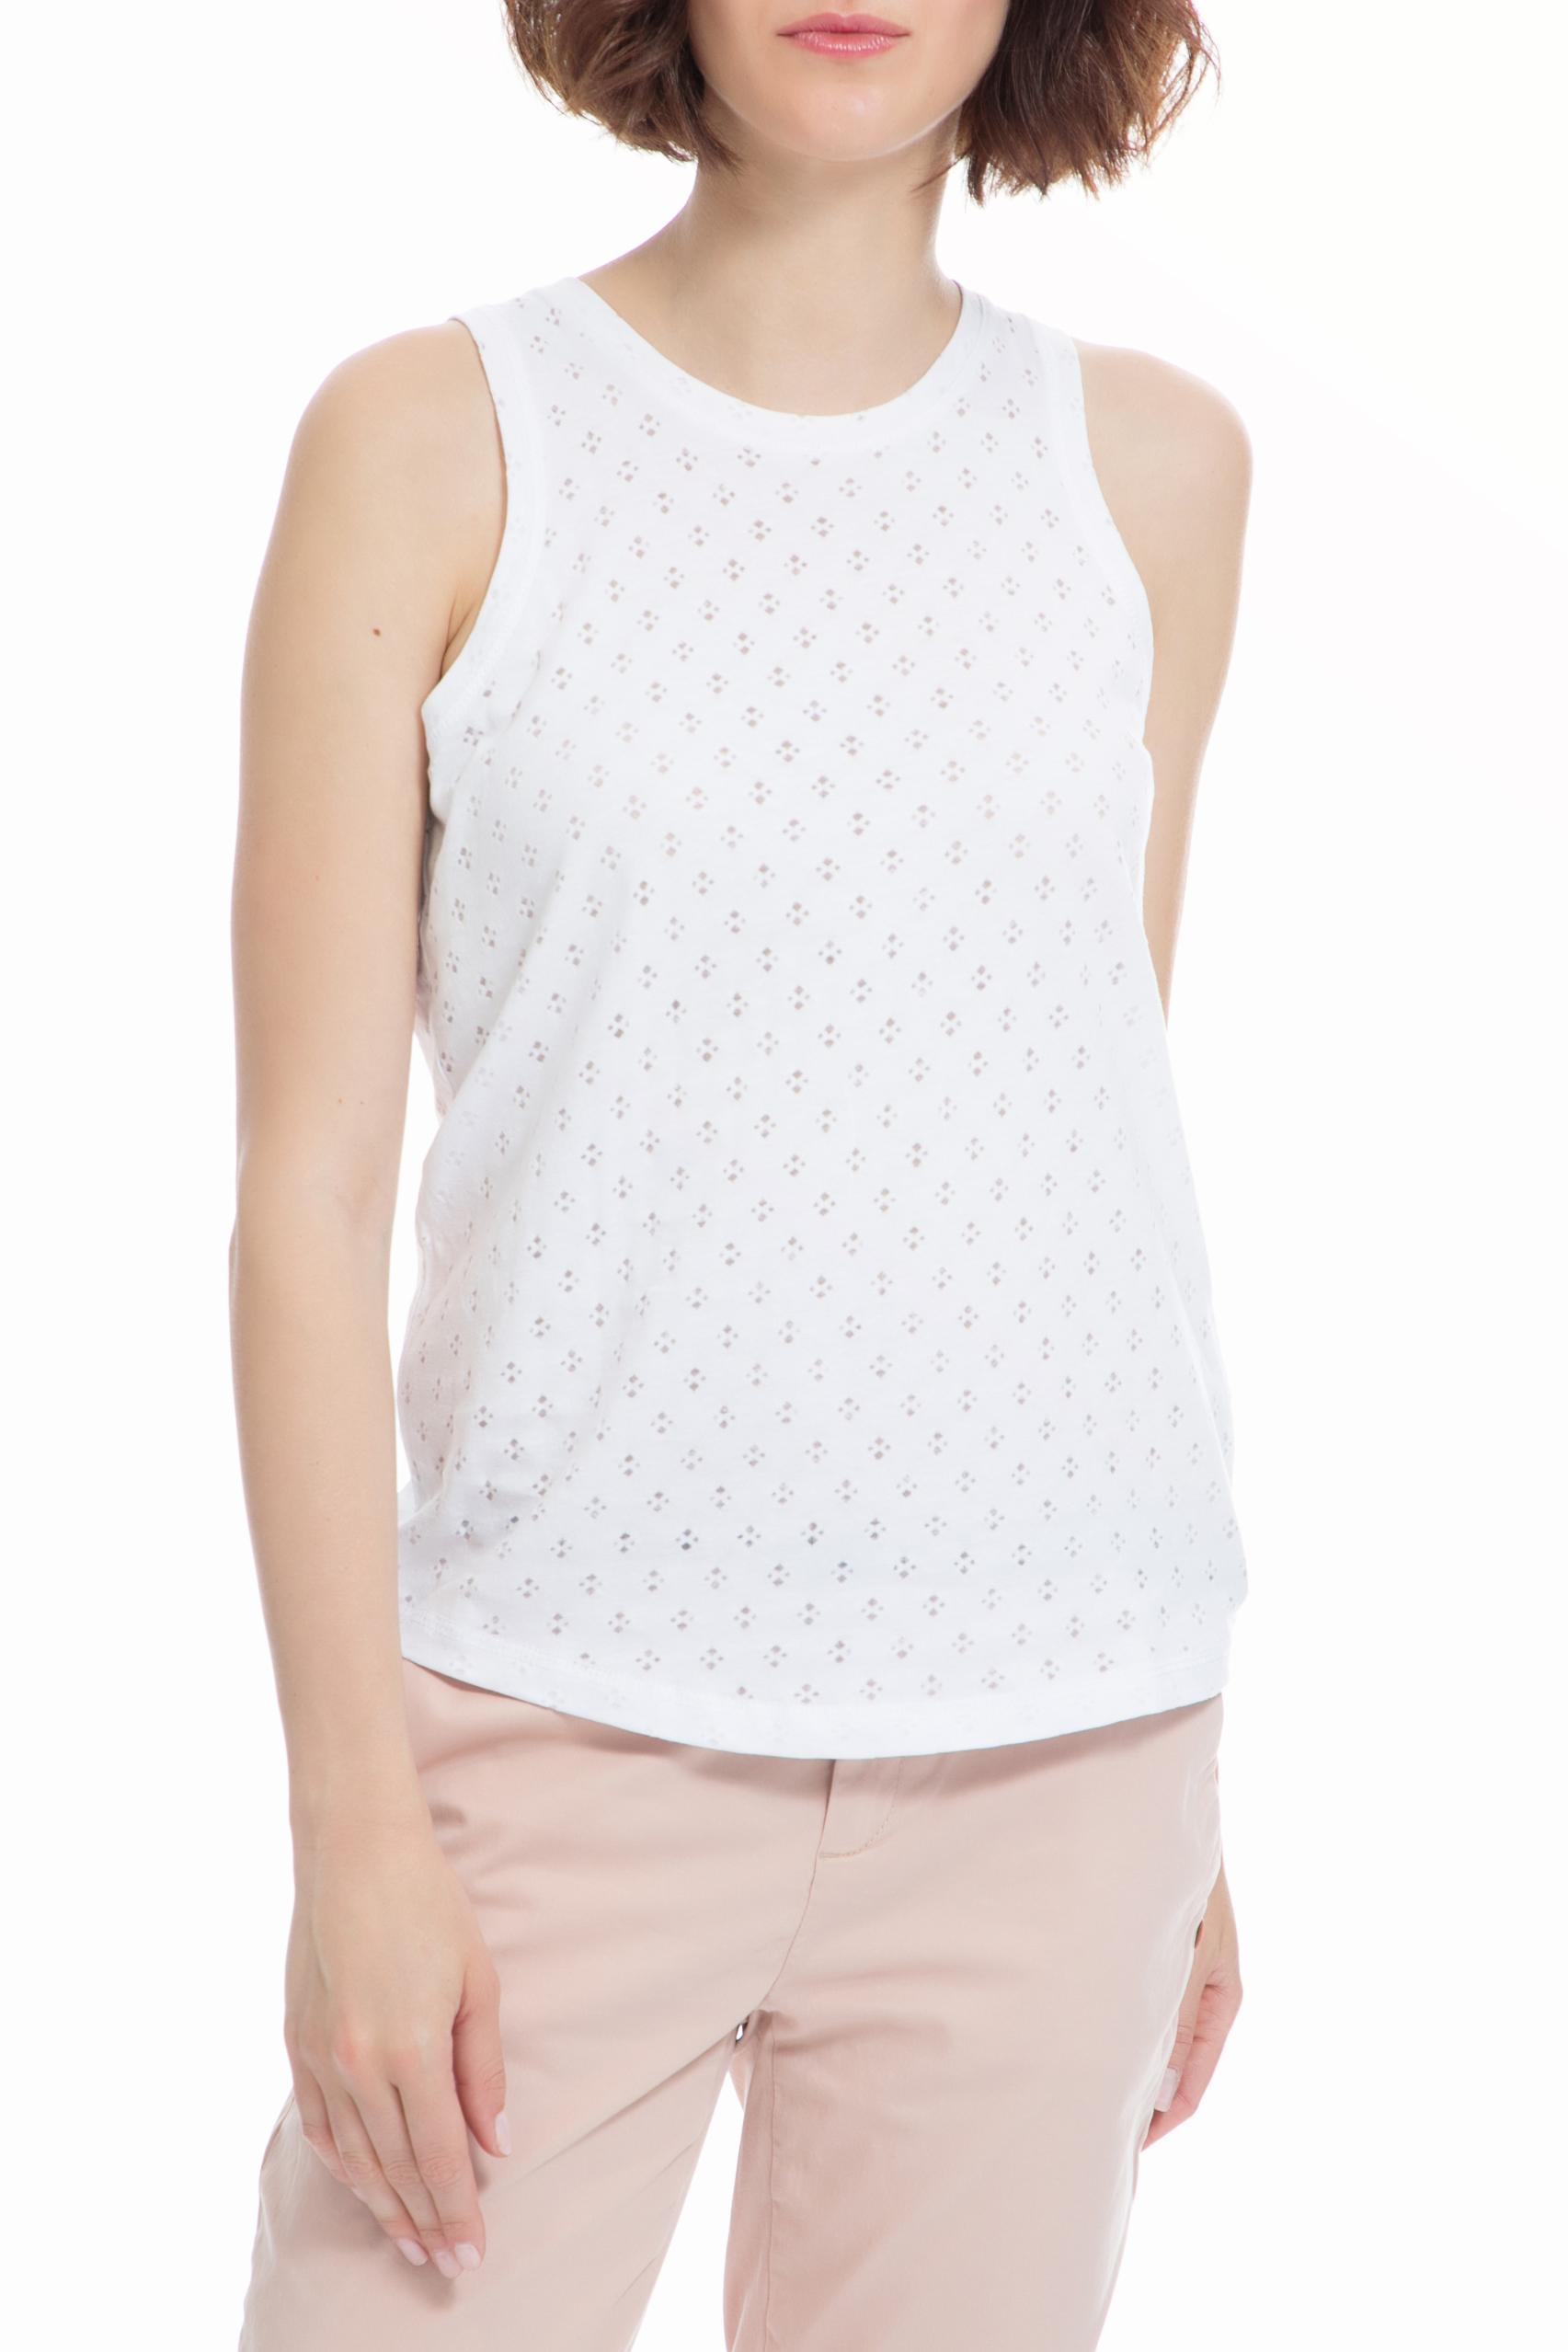 40-WEFT - Γυναικεία μπλούζα 40-WEFT λευκή γυναικεία ρούχα μπλούζες αμάνικες